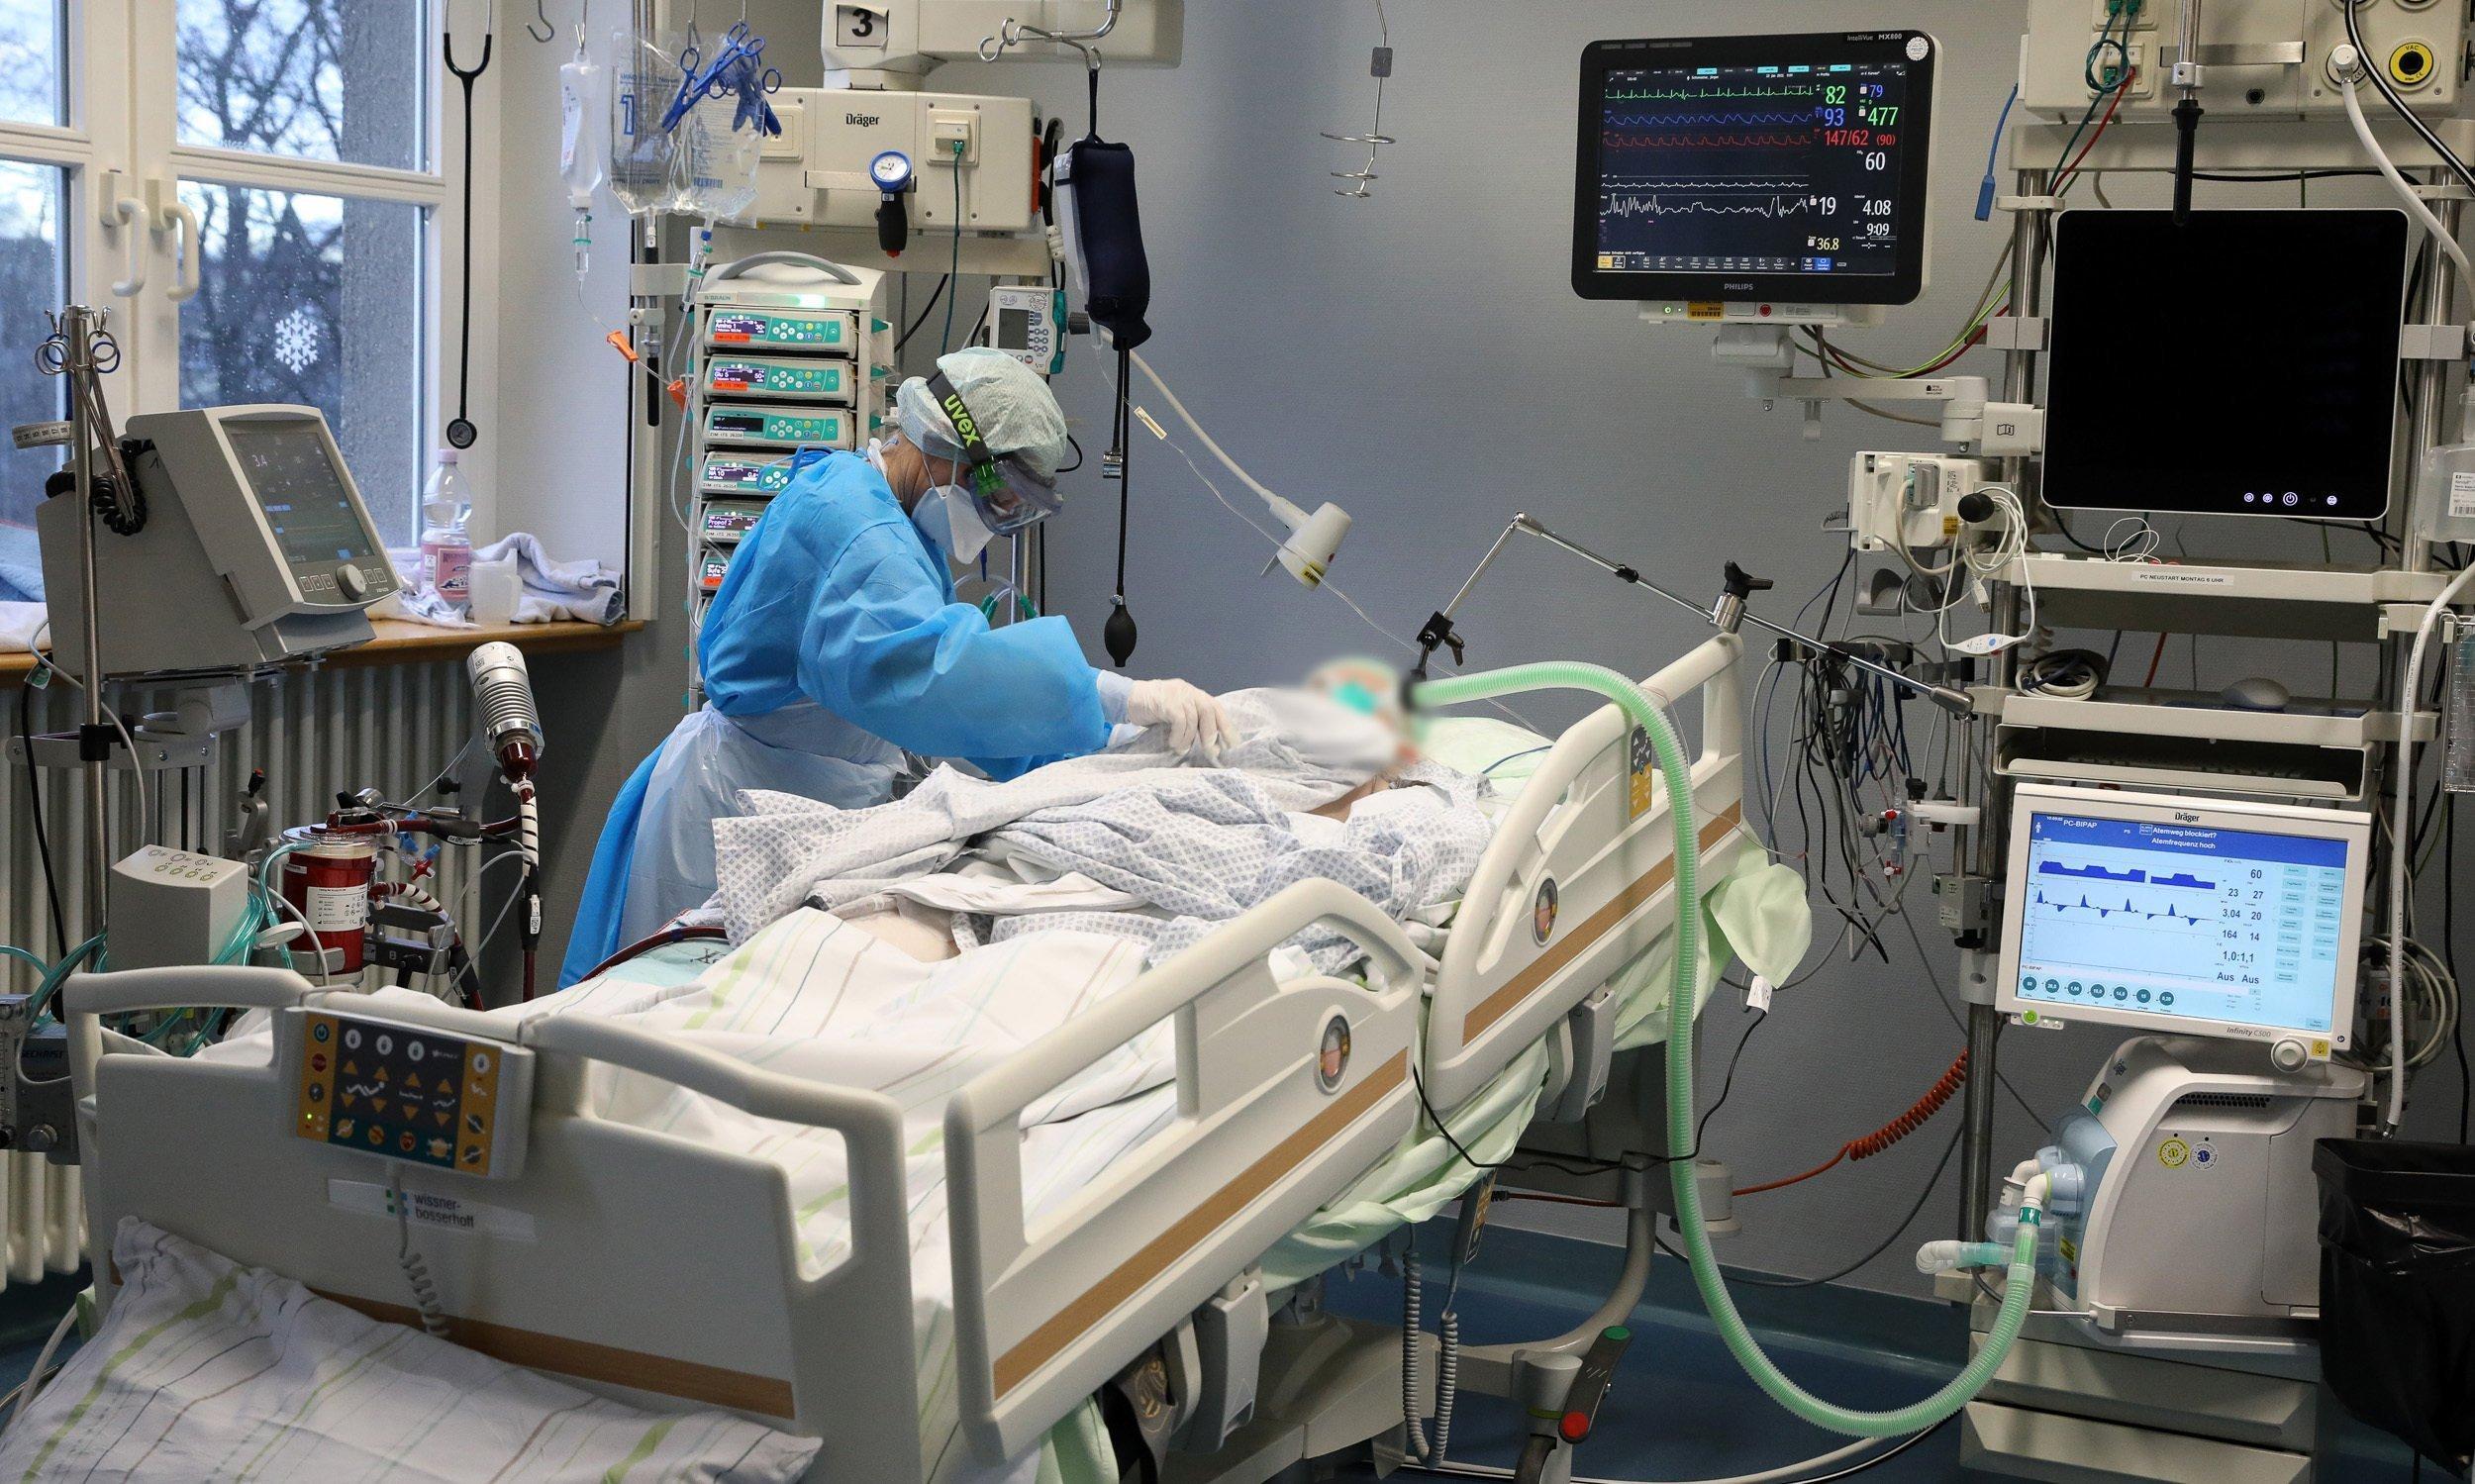 Ein Krankenbett mit einem Patienten in weißem Hemdchen. Rundherum medizinische Geräte mit Bildschirmen. Eine Person in blauem Schutzanzug mit Schütze, Gesichtsmaske, Haube, Handschuhen und Skibrille beugt sich über den Patienten.